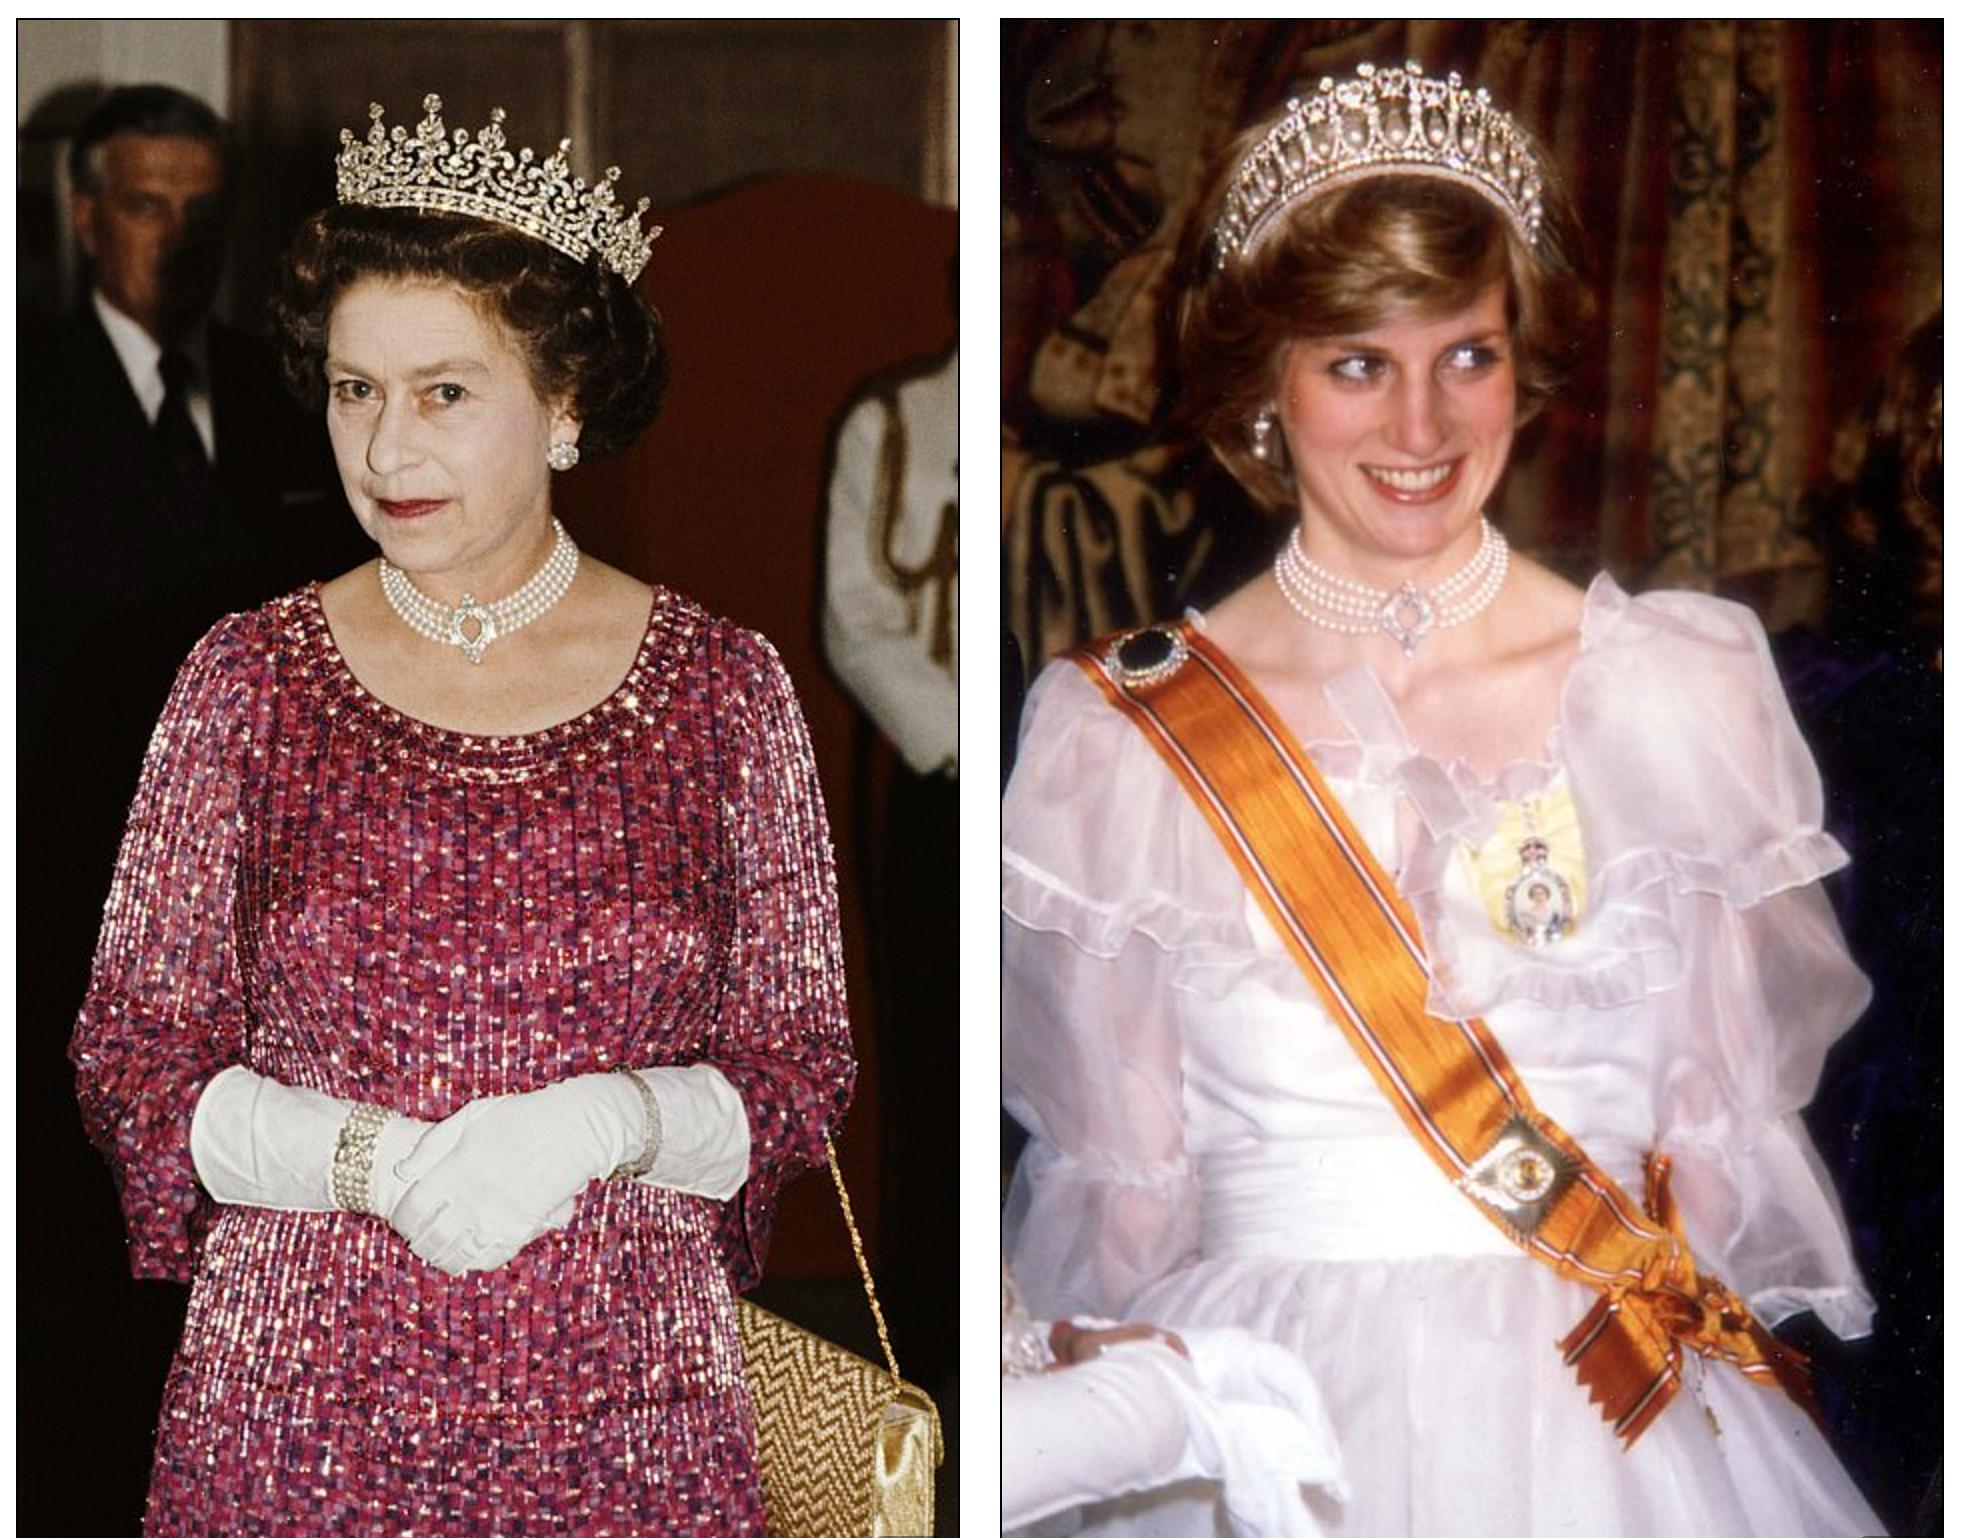 Nữ hoàng Anh, Công nương Diana cũng từng sử dụng món trang sức này trong những bữa tiệc trang trọng.